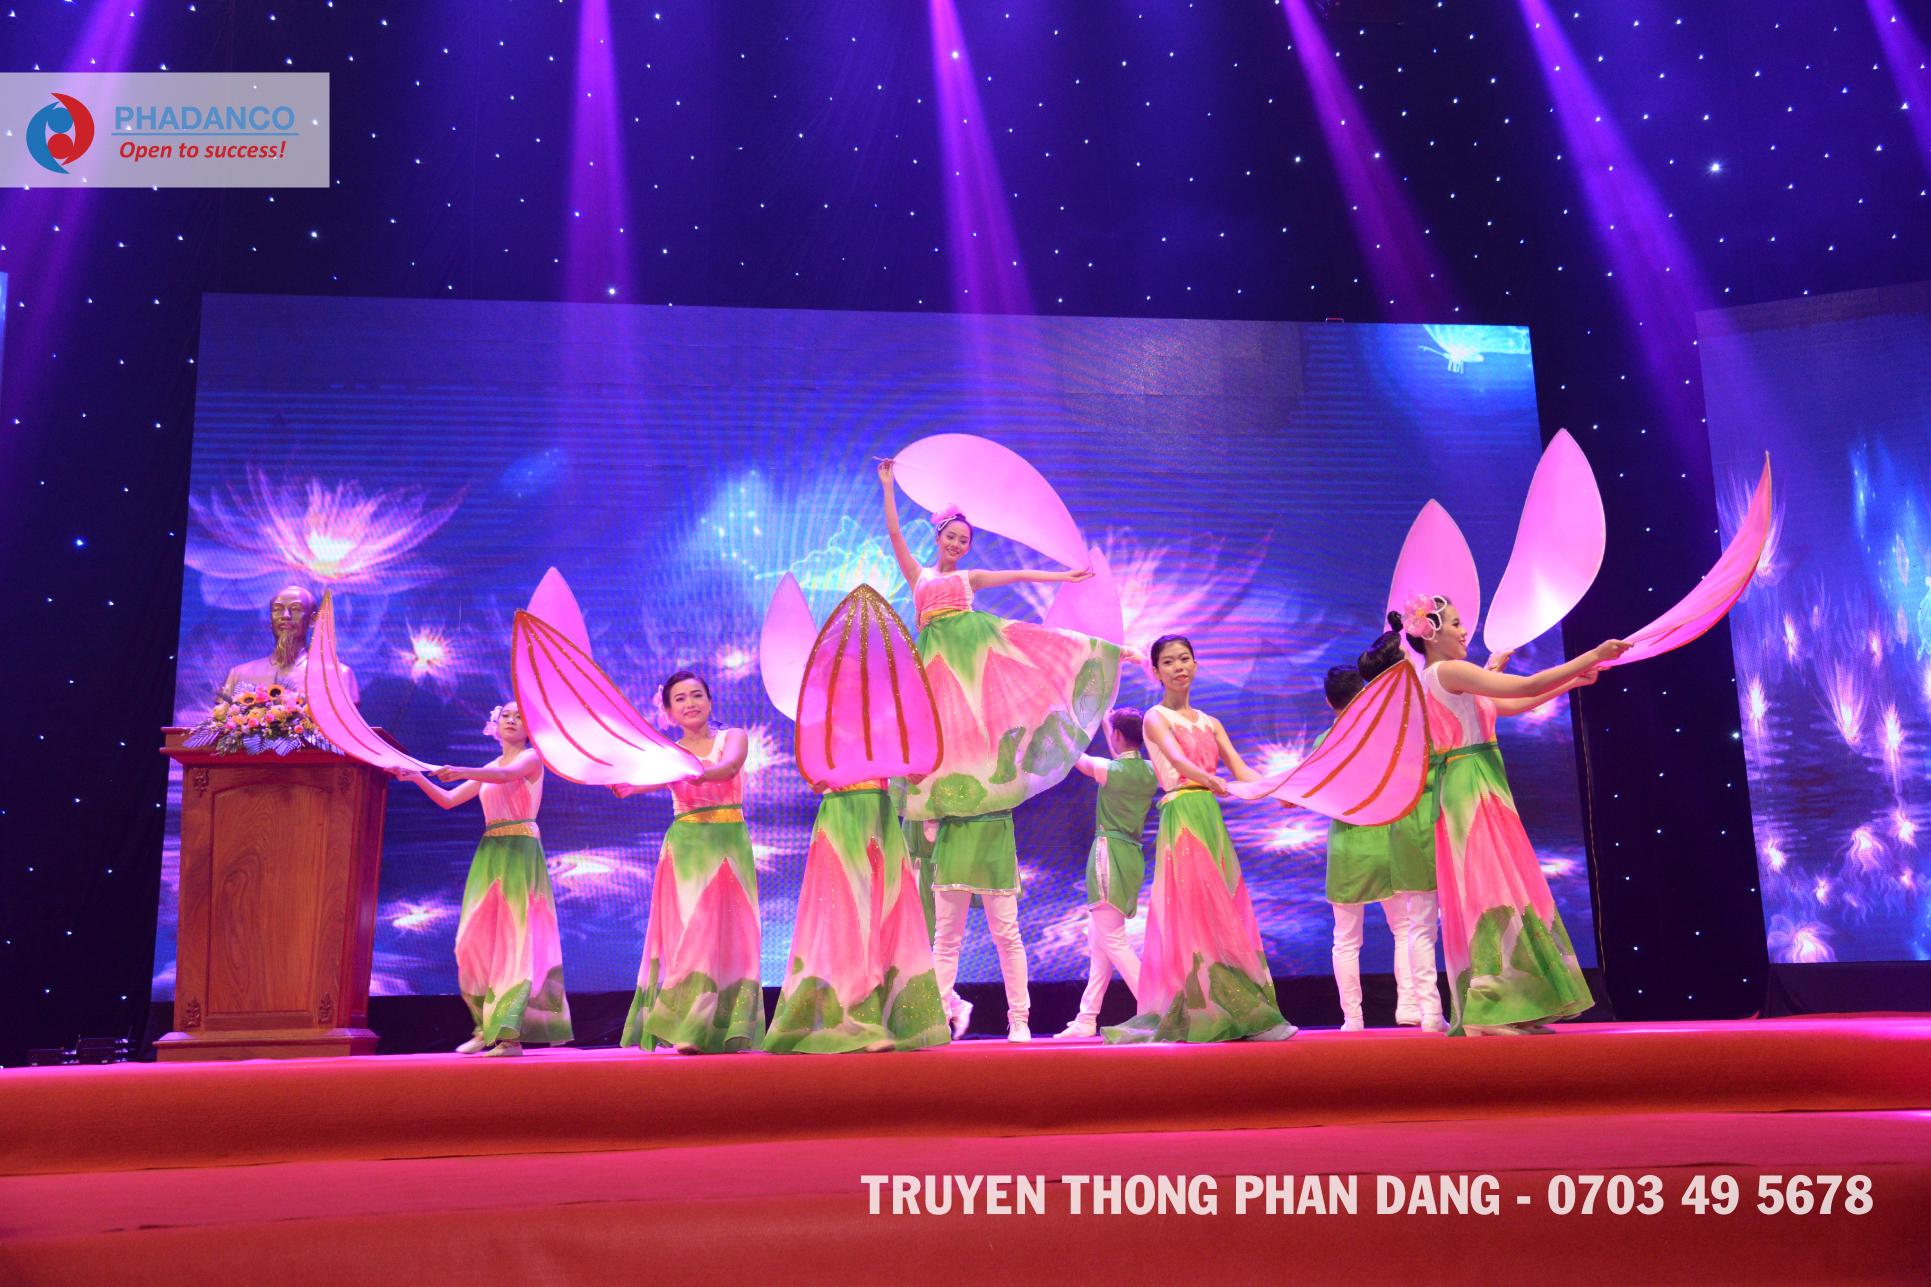 Truyền thông Phan Đăng: Những khoảnh khắc ấn tượng trên sân khấu